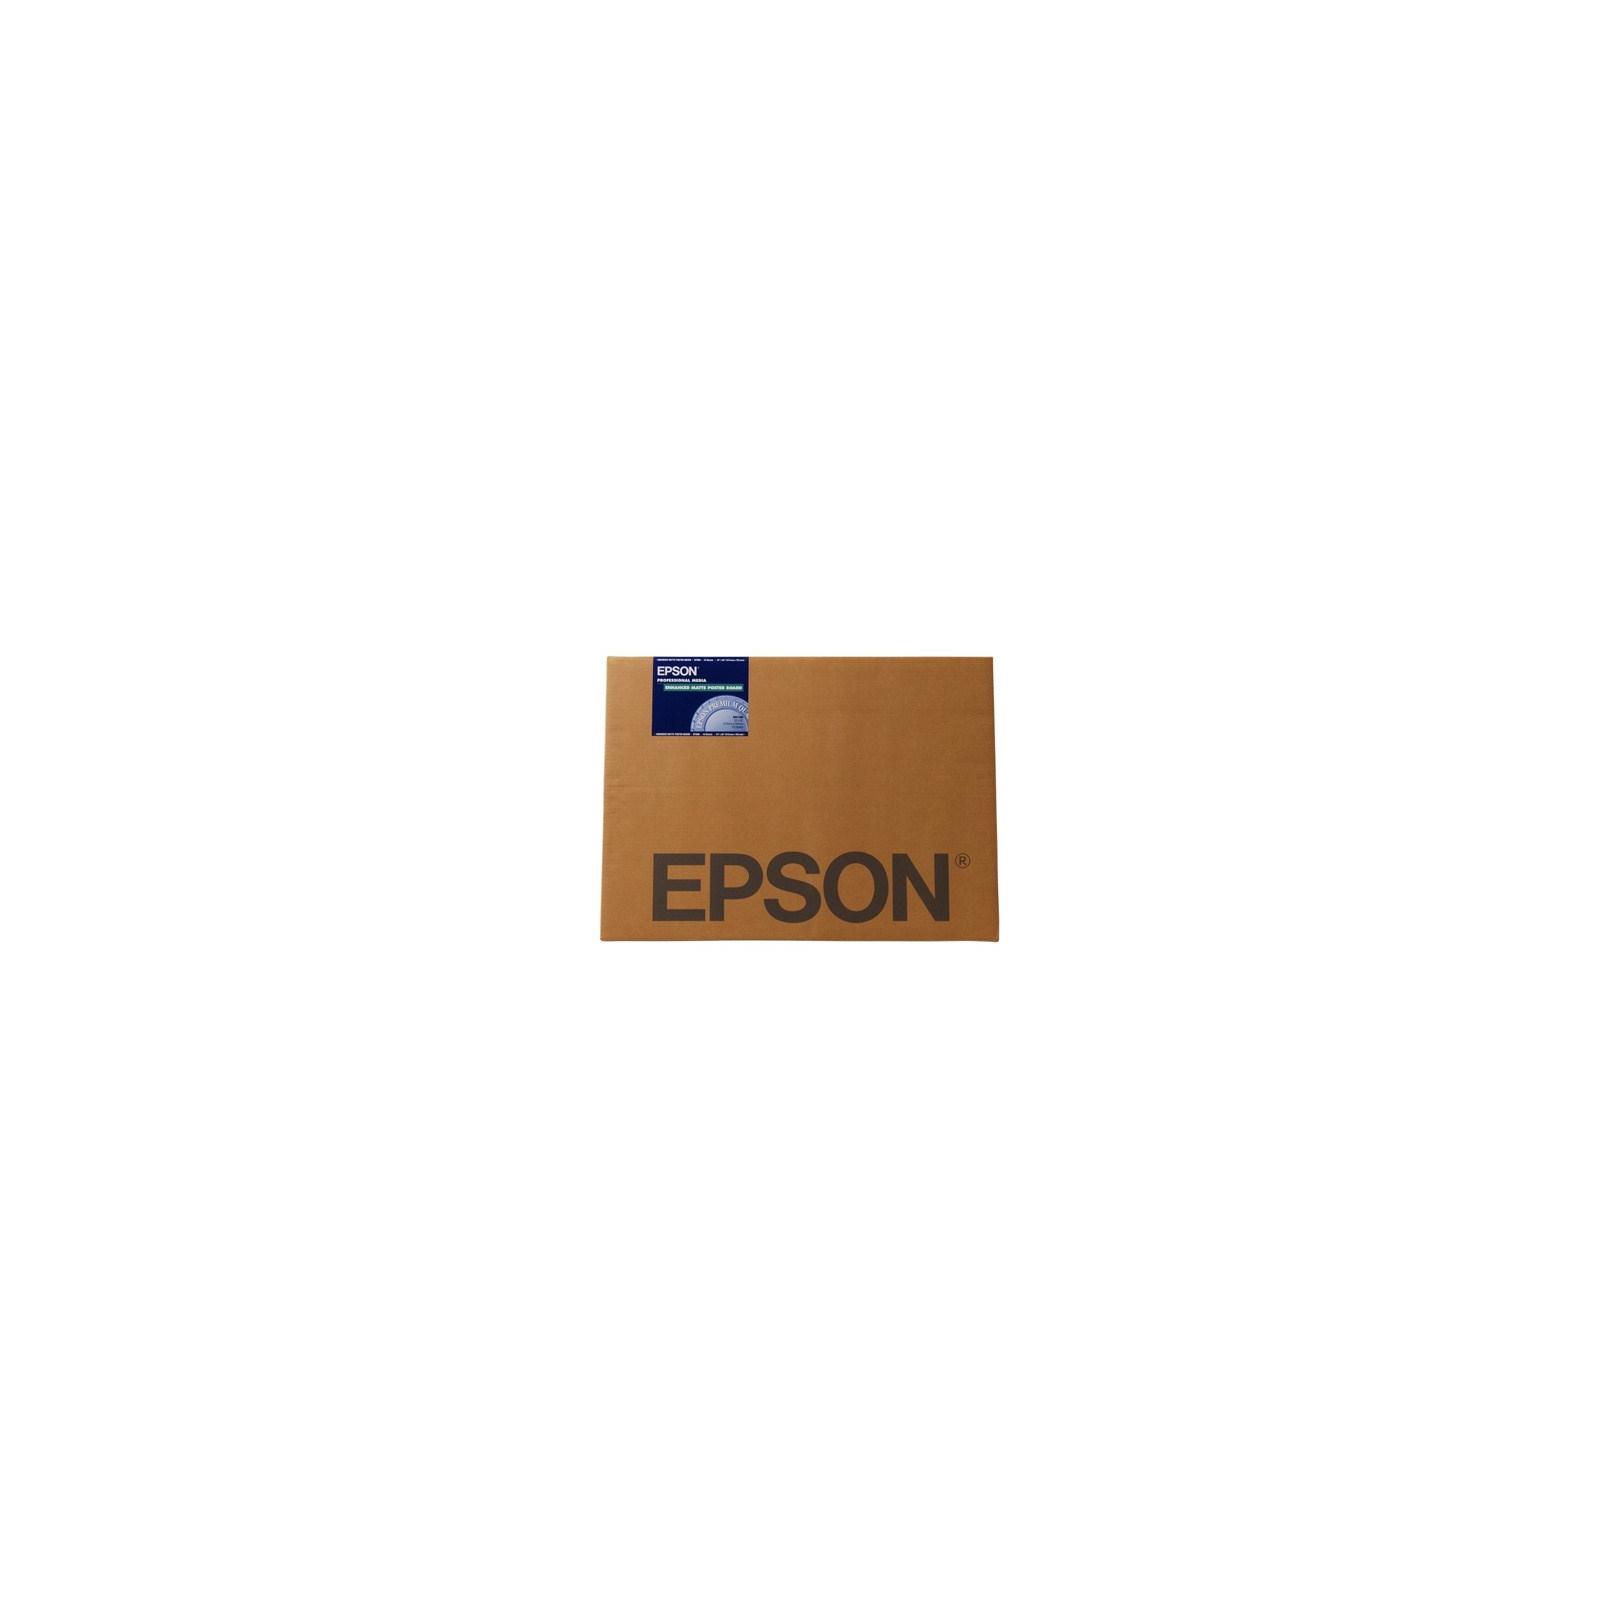 Бумага EPSON A3+ Enhanced Matte Posterboard (C13S042110)